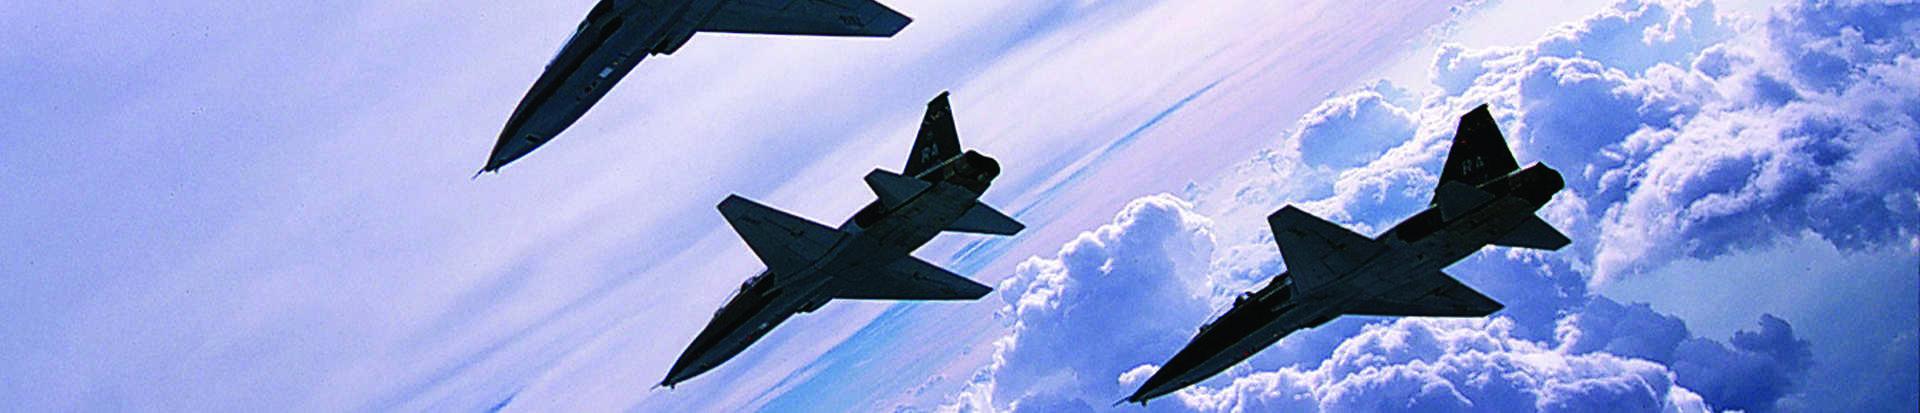 Fighter aircraft in flight